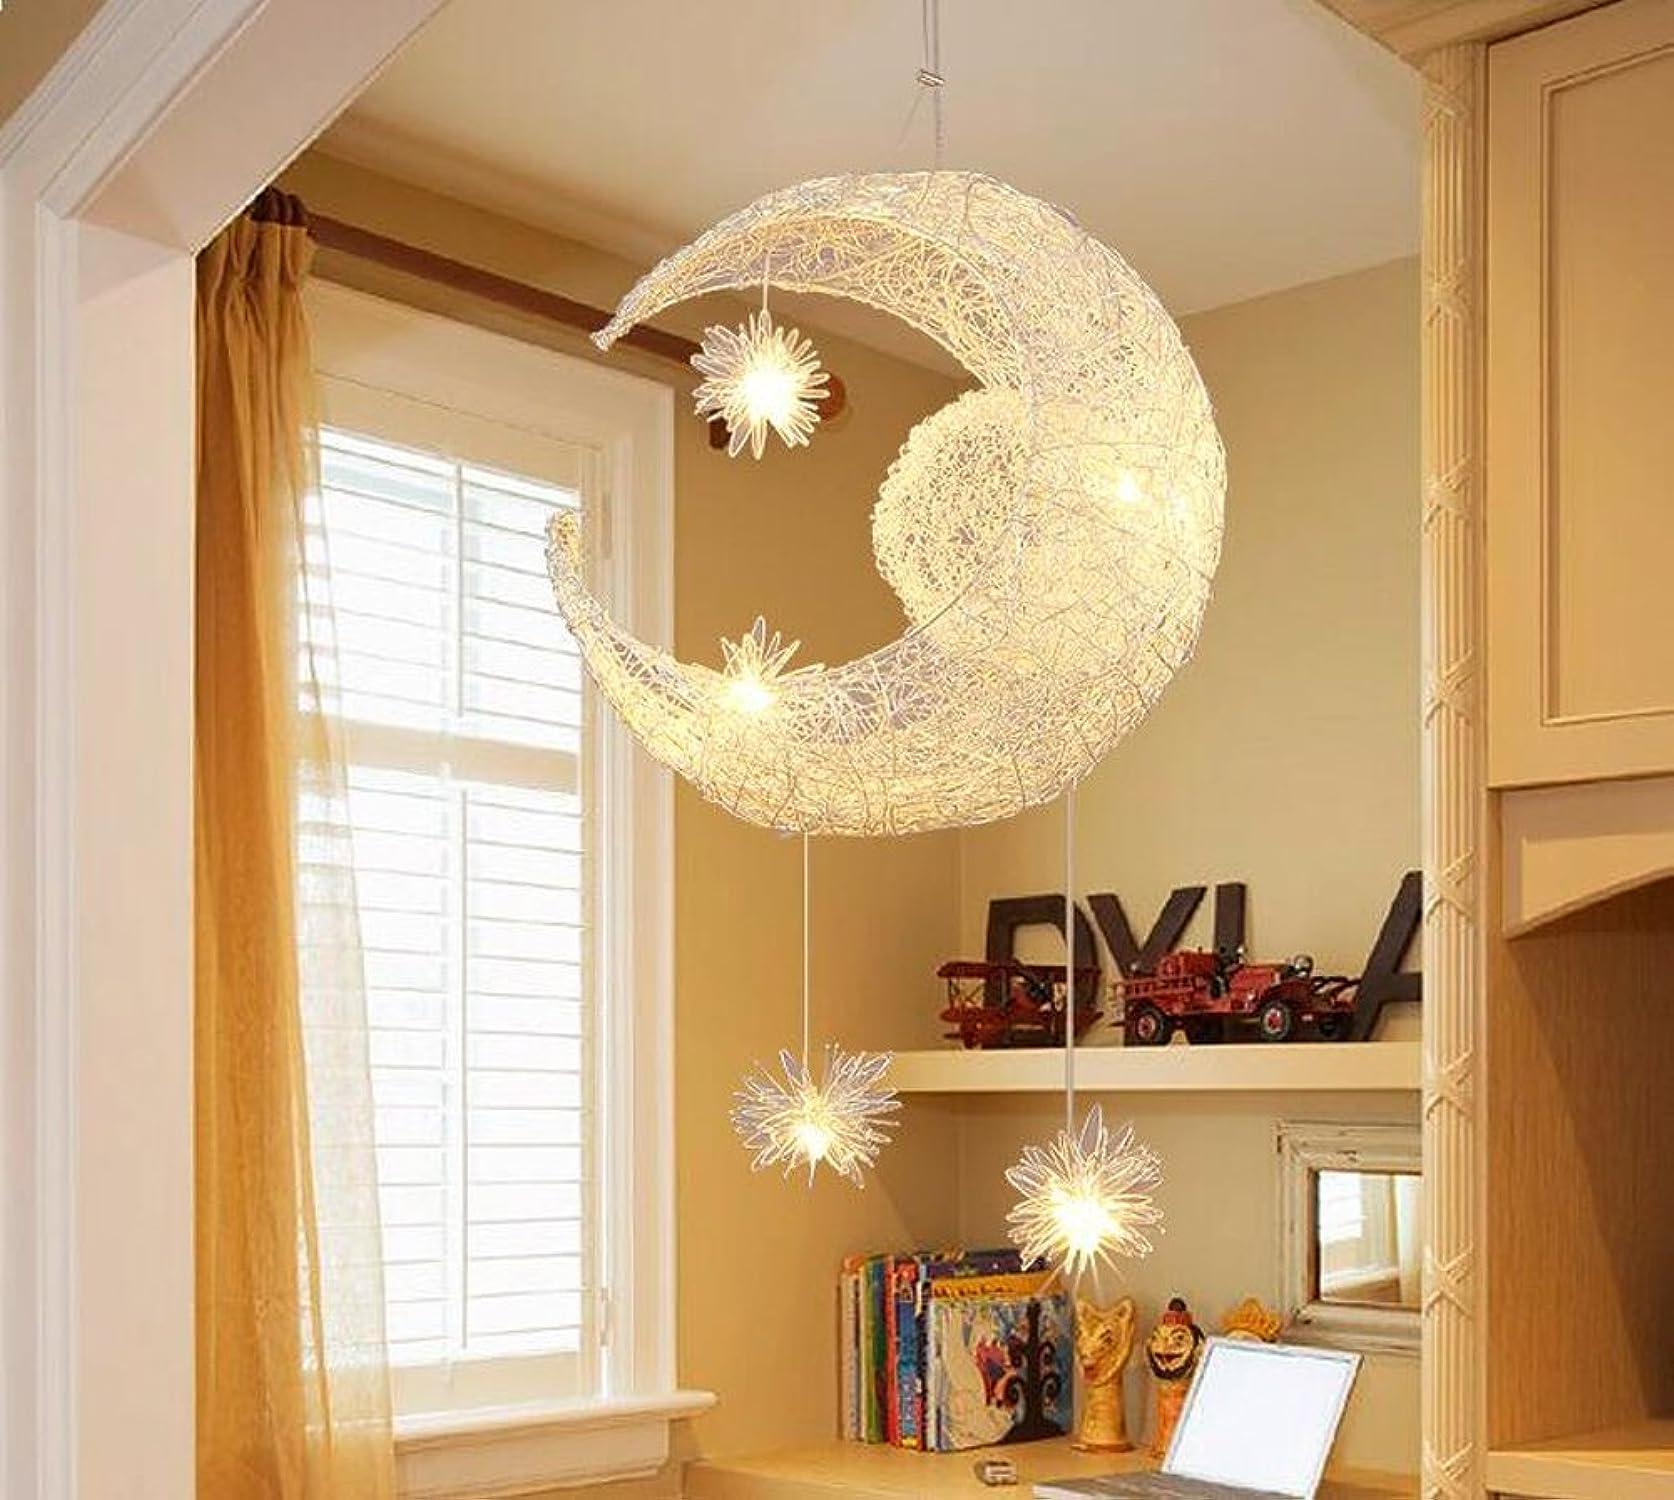 FAYM-Idées chambre salle de séjour chambre la lune les enfants stars fil en aluminium lustre